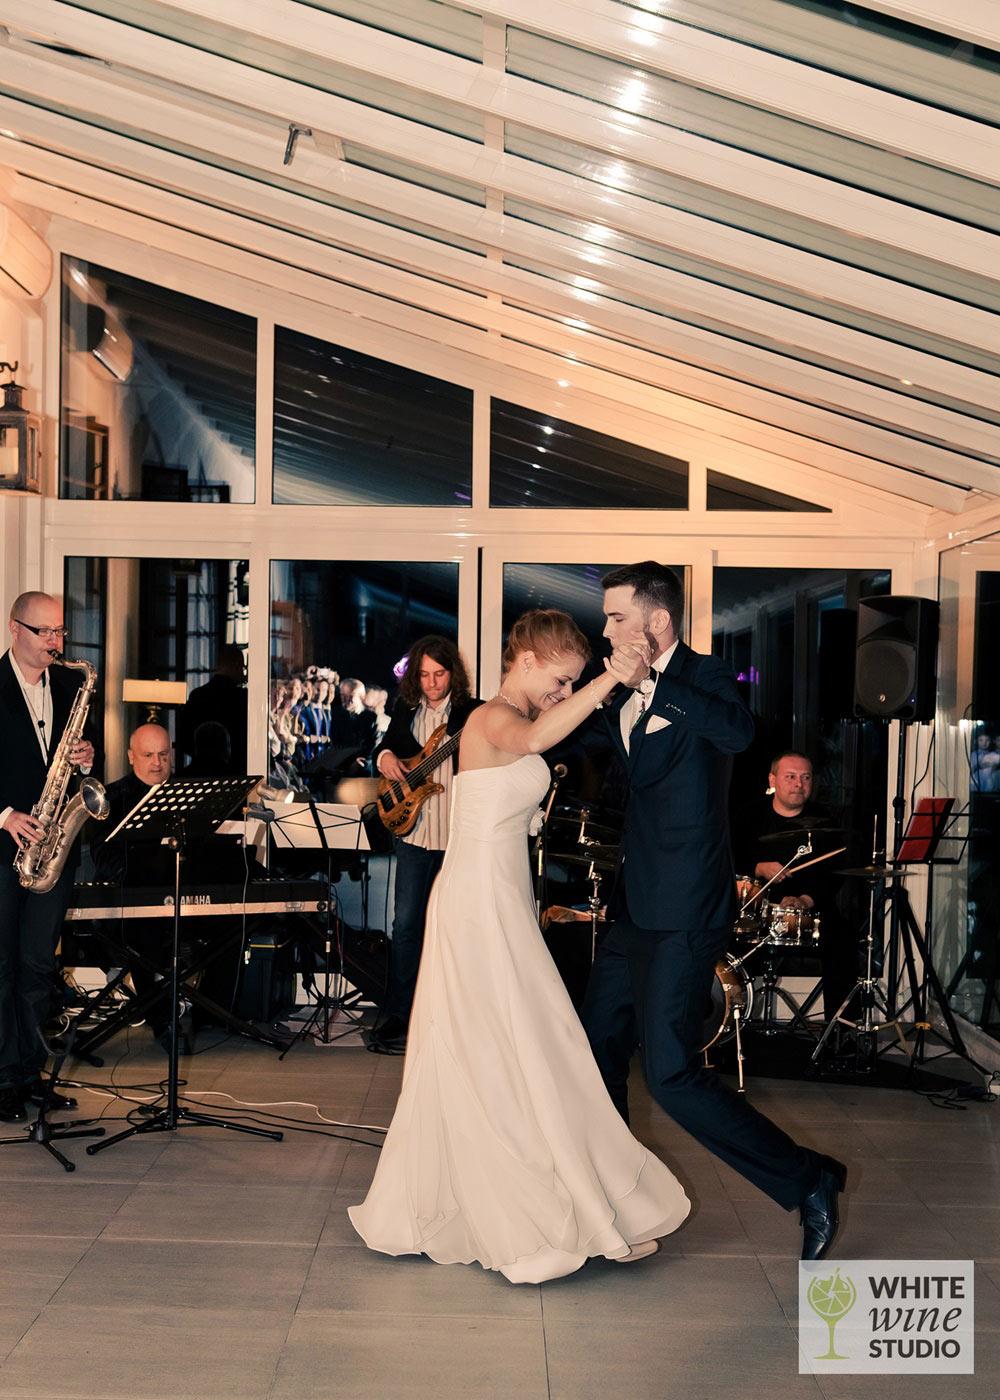 White-Wine-Studio_Wedding-Photography_Dawid-Markiewicz_36